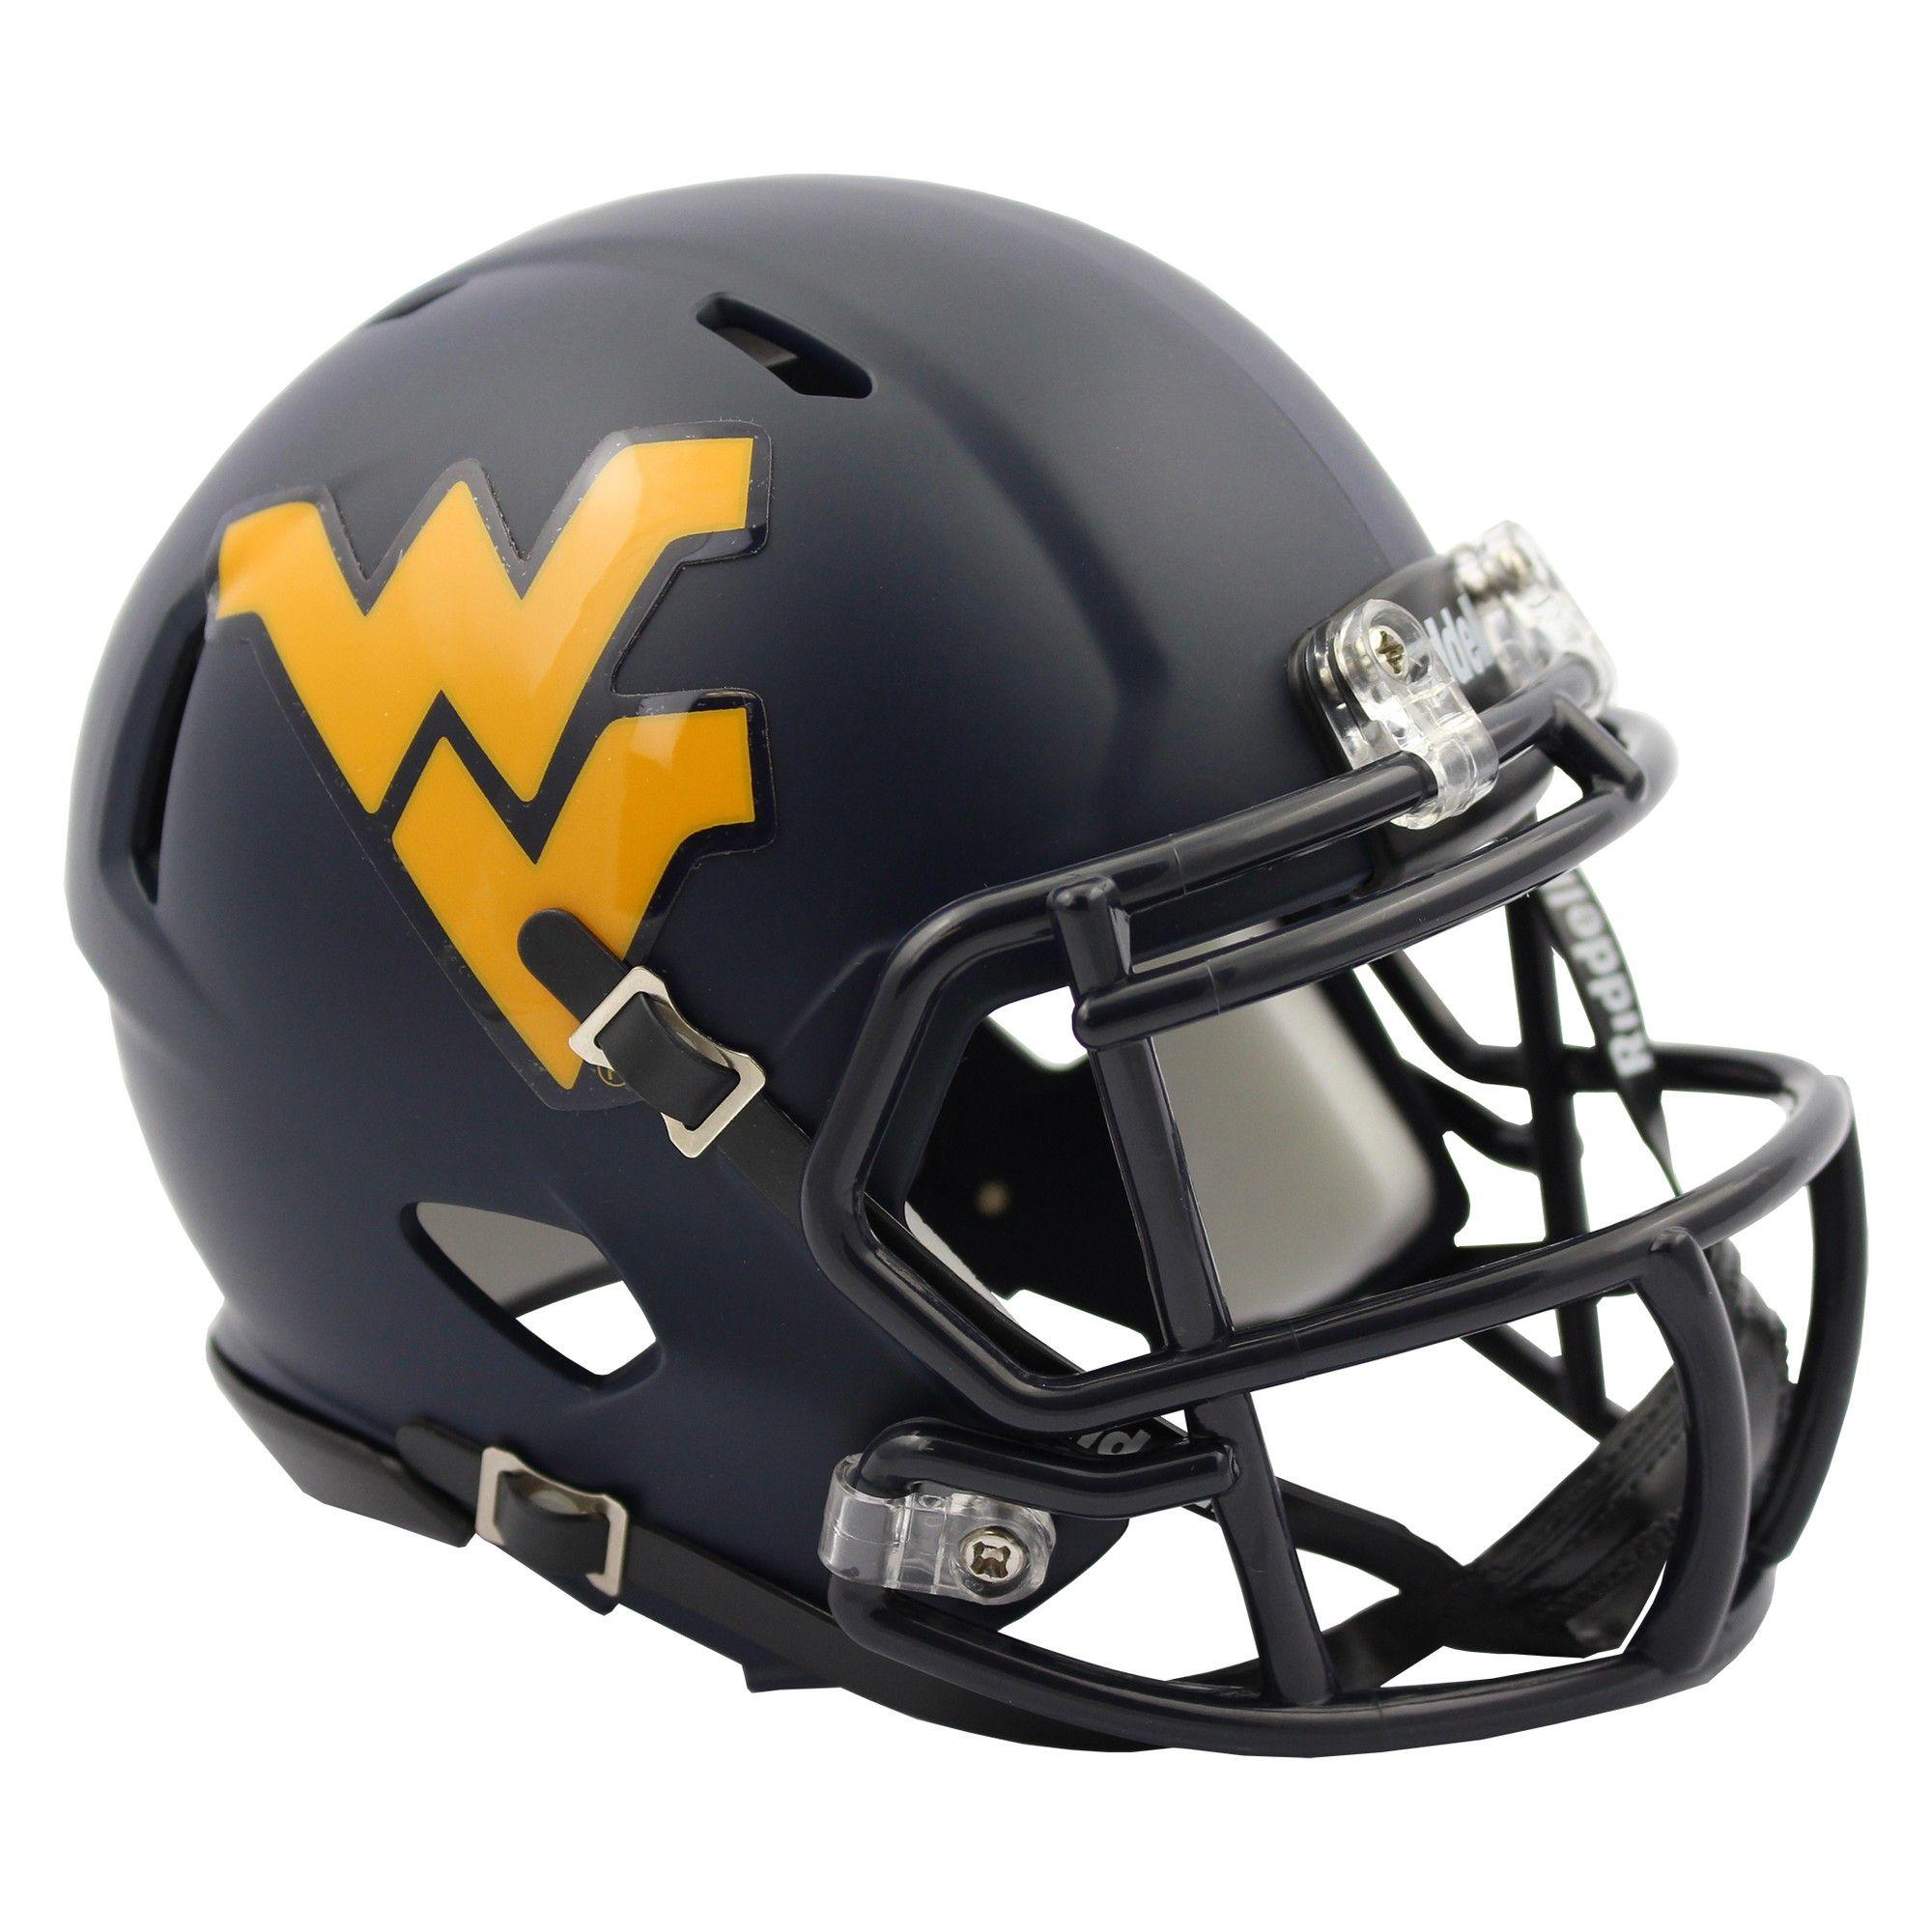 NCAA West Virginia Mountaineers Replica XP Helmet